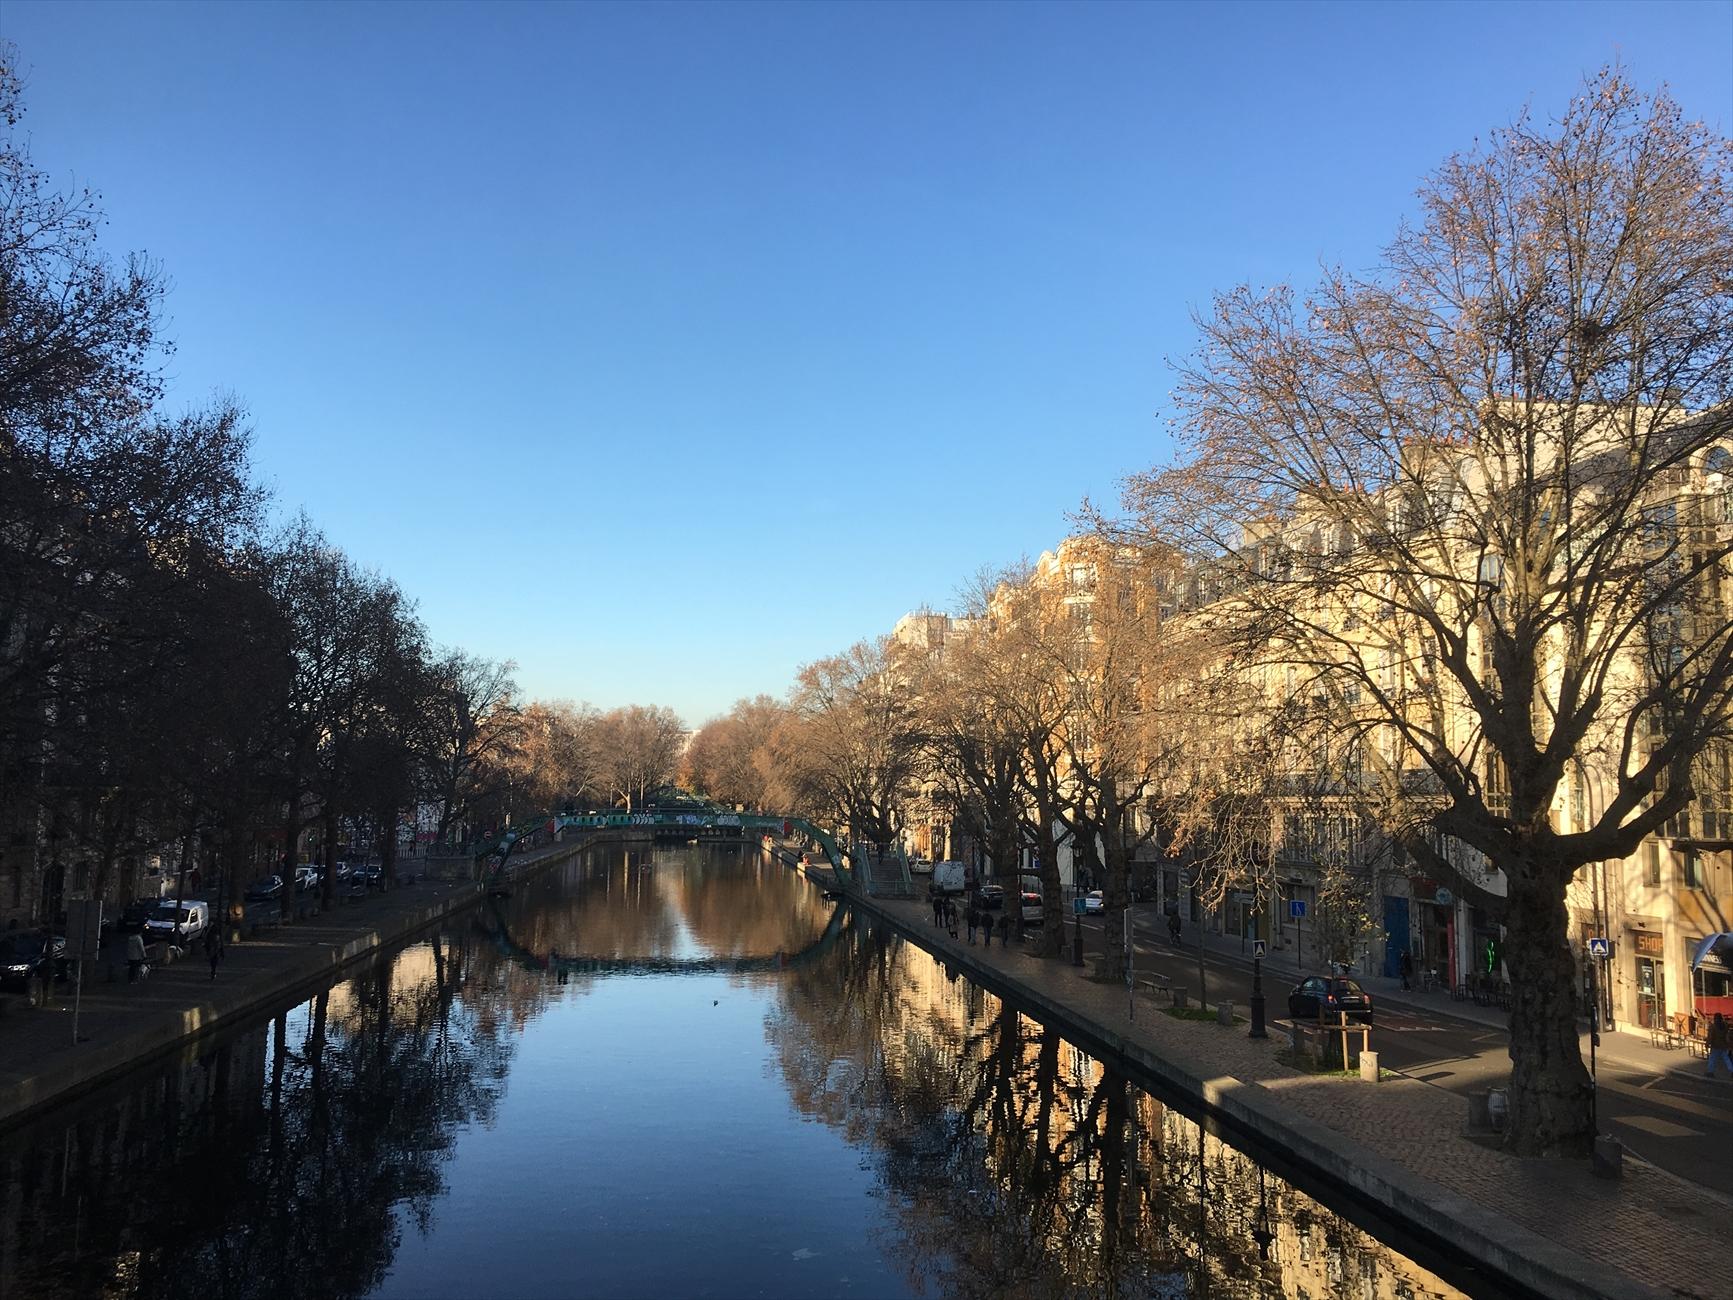 「サンマルタン運河、詩情」